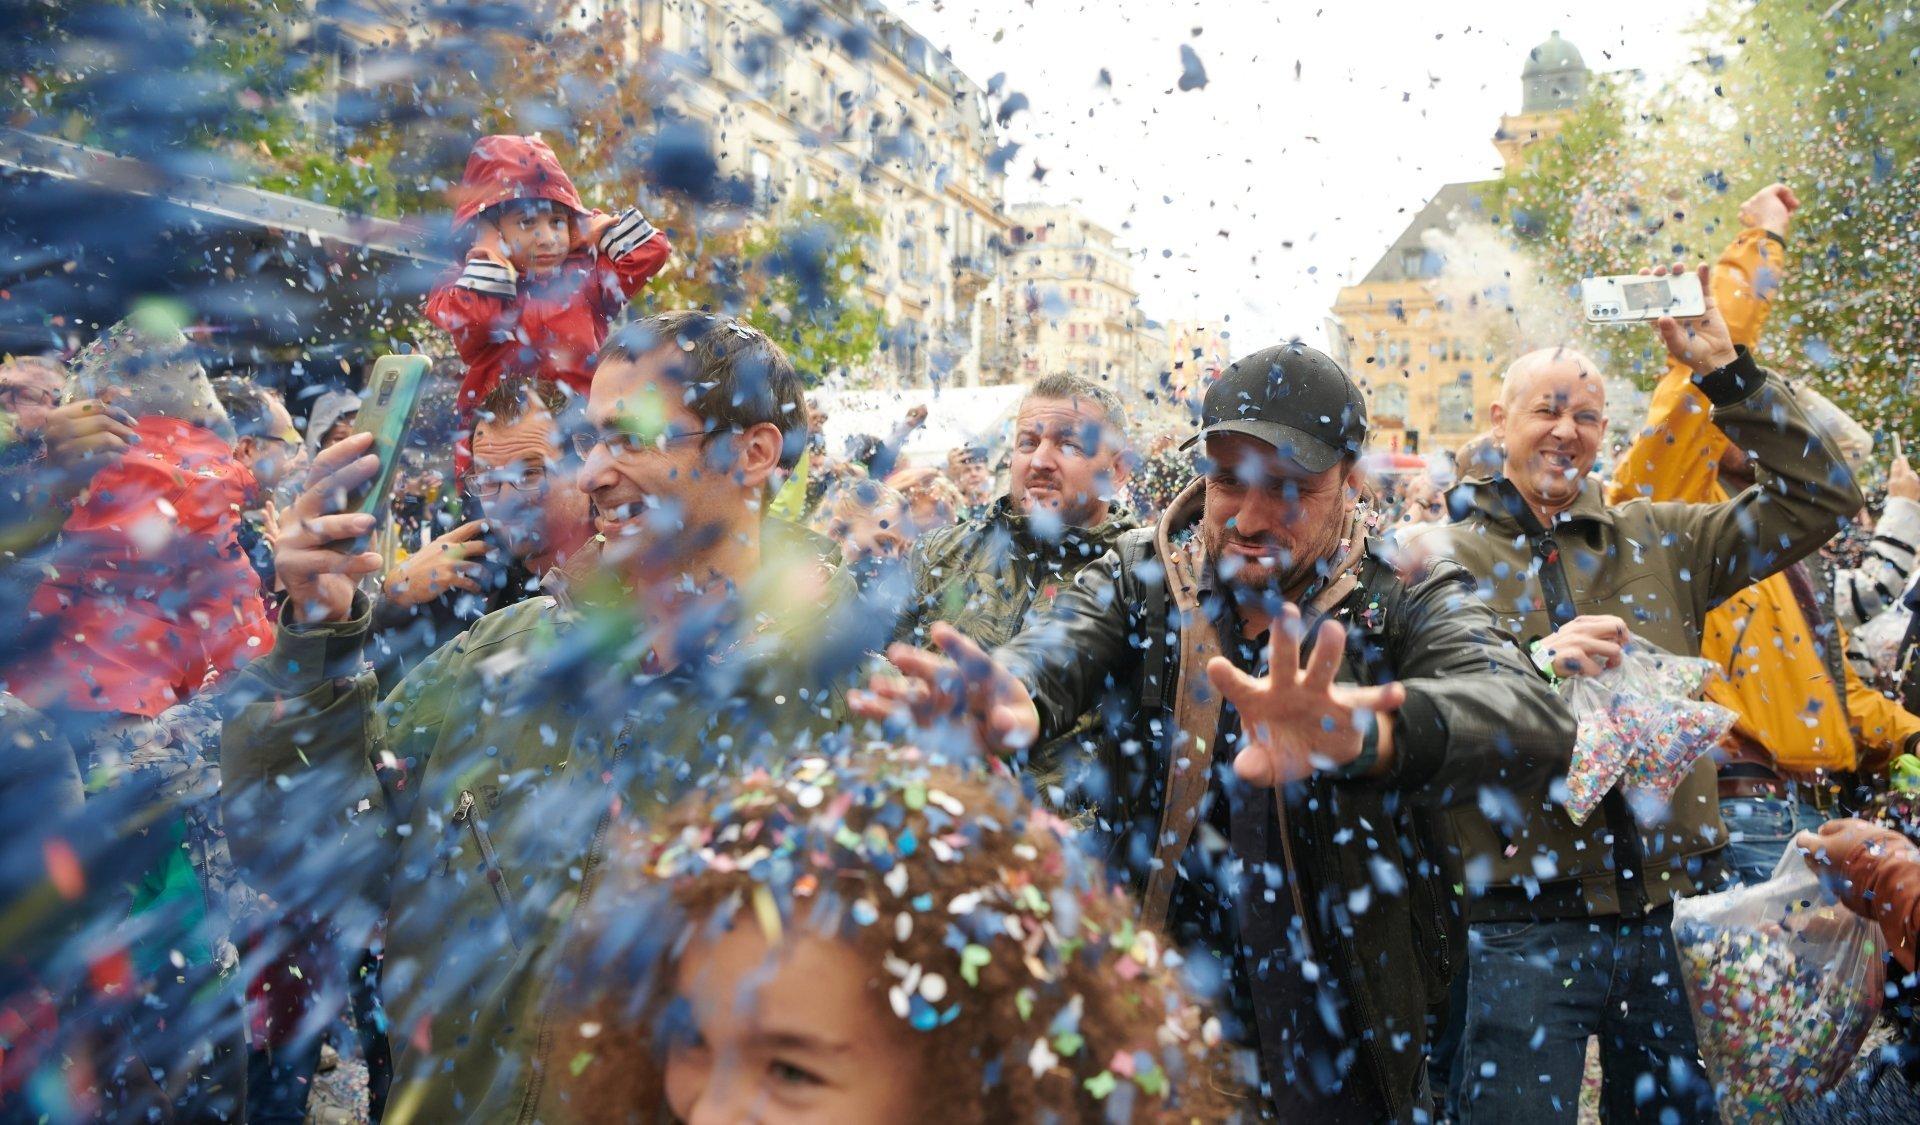 En 1934: l'usage des confettis est autorisé à la Fête des vendanges